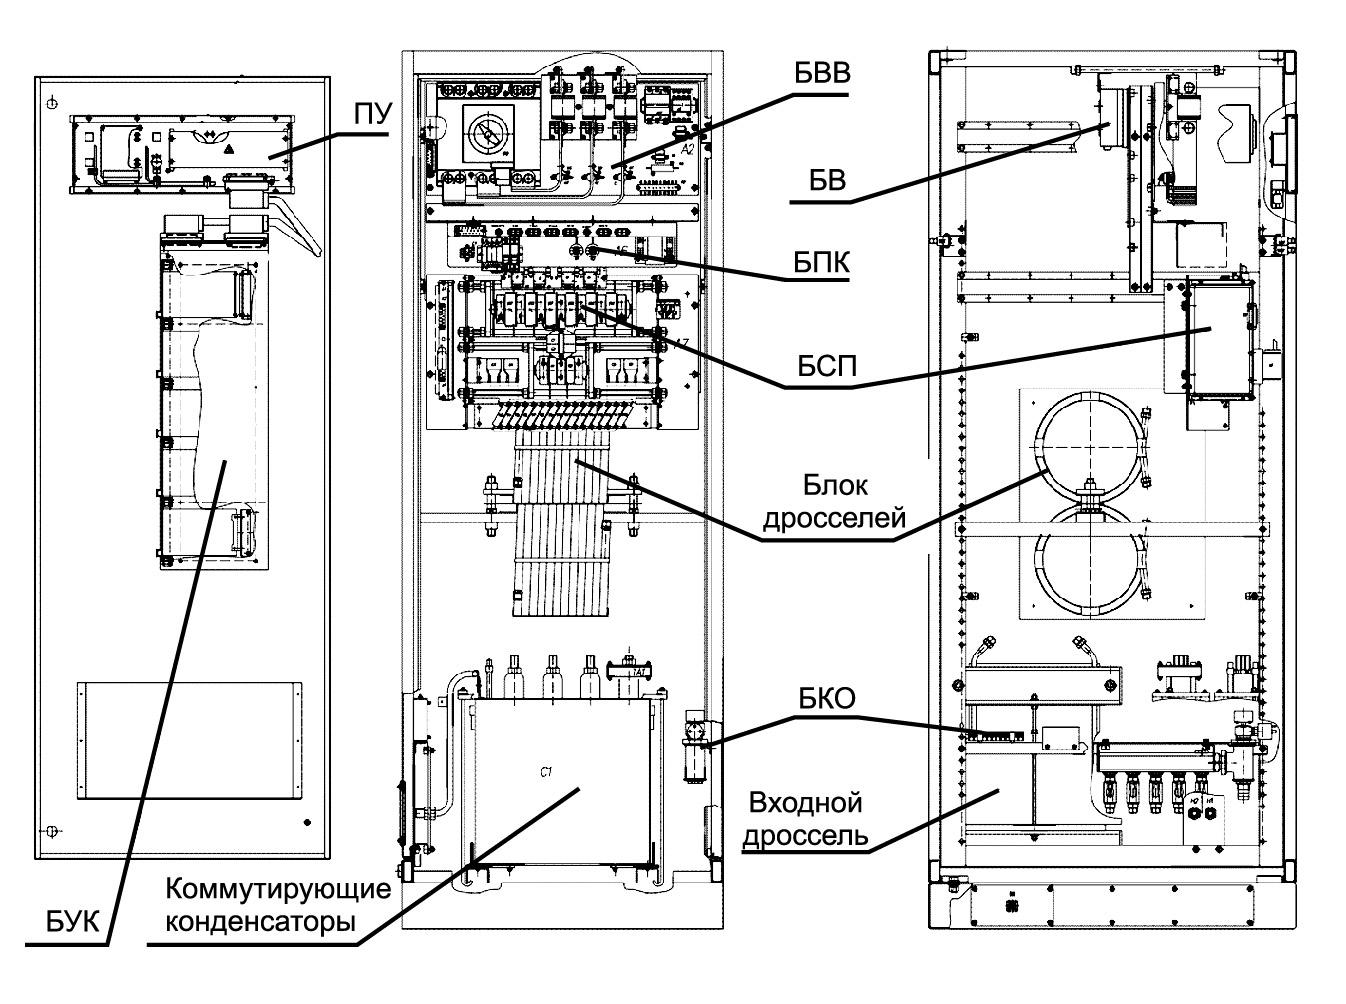 Размещение узлов и основных блоков ППЧ-320-2.4